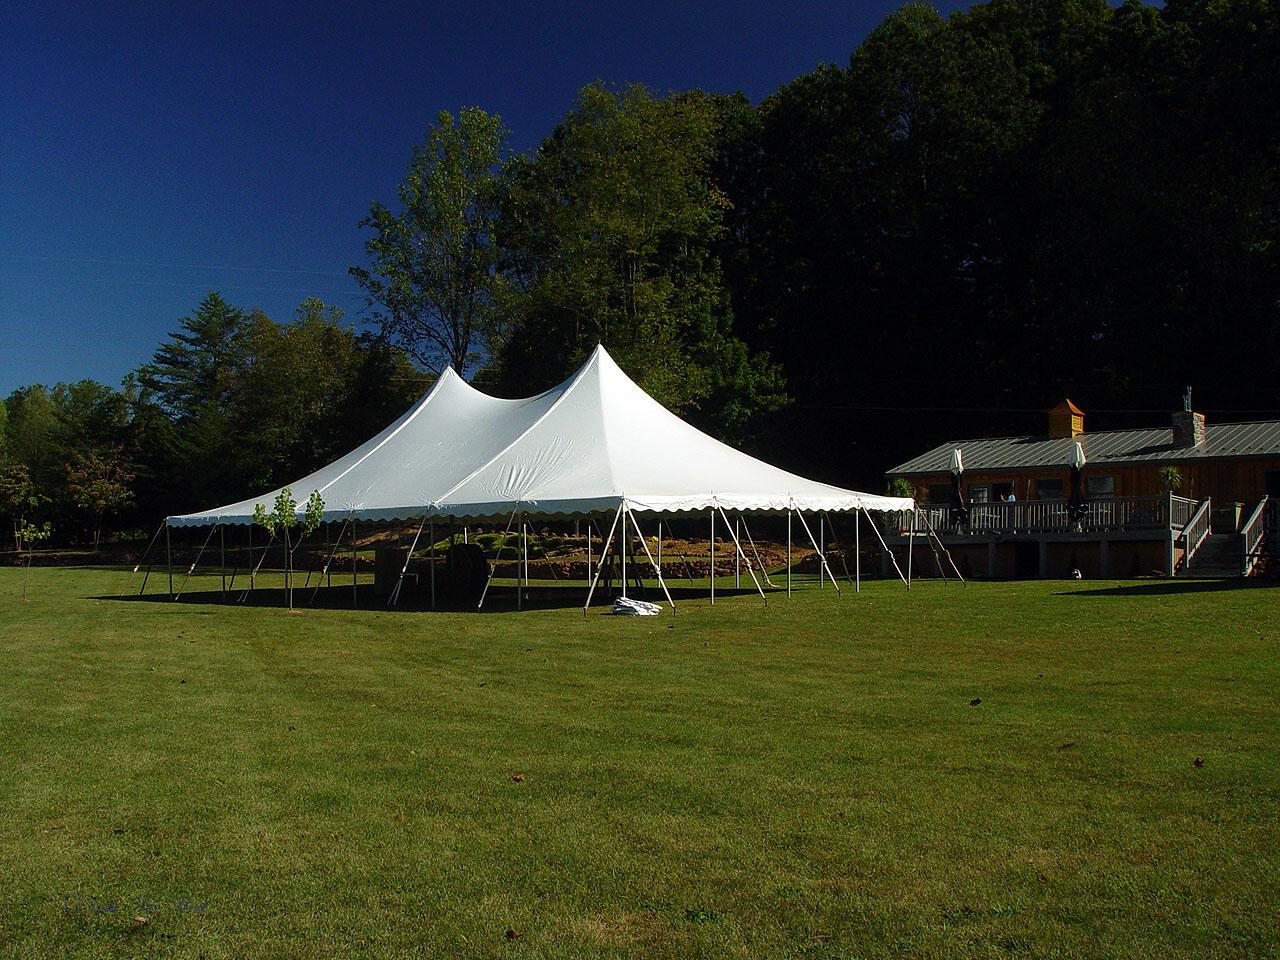 tent rentals newark nj party rentals newark tent rentals